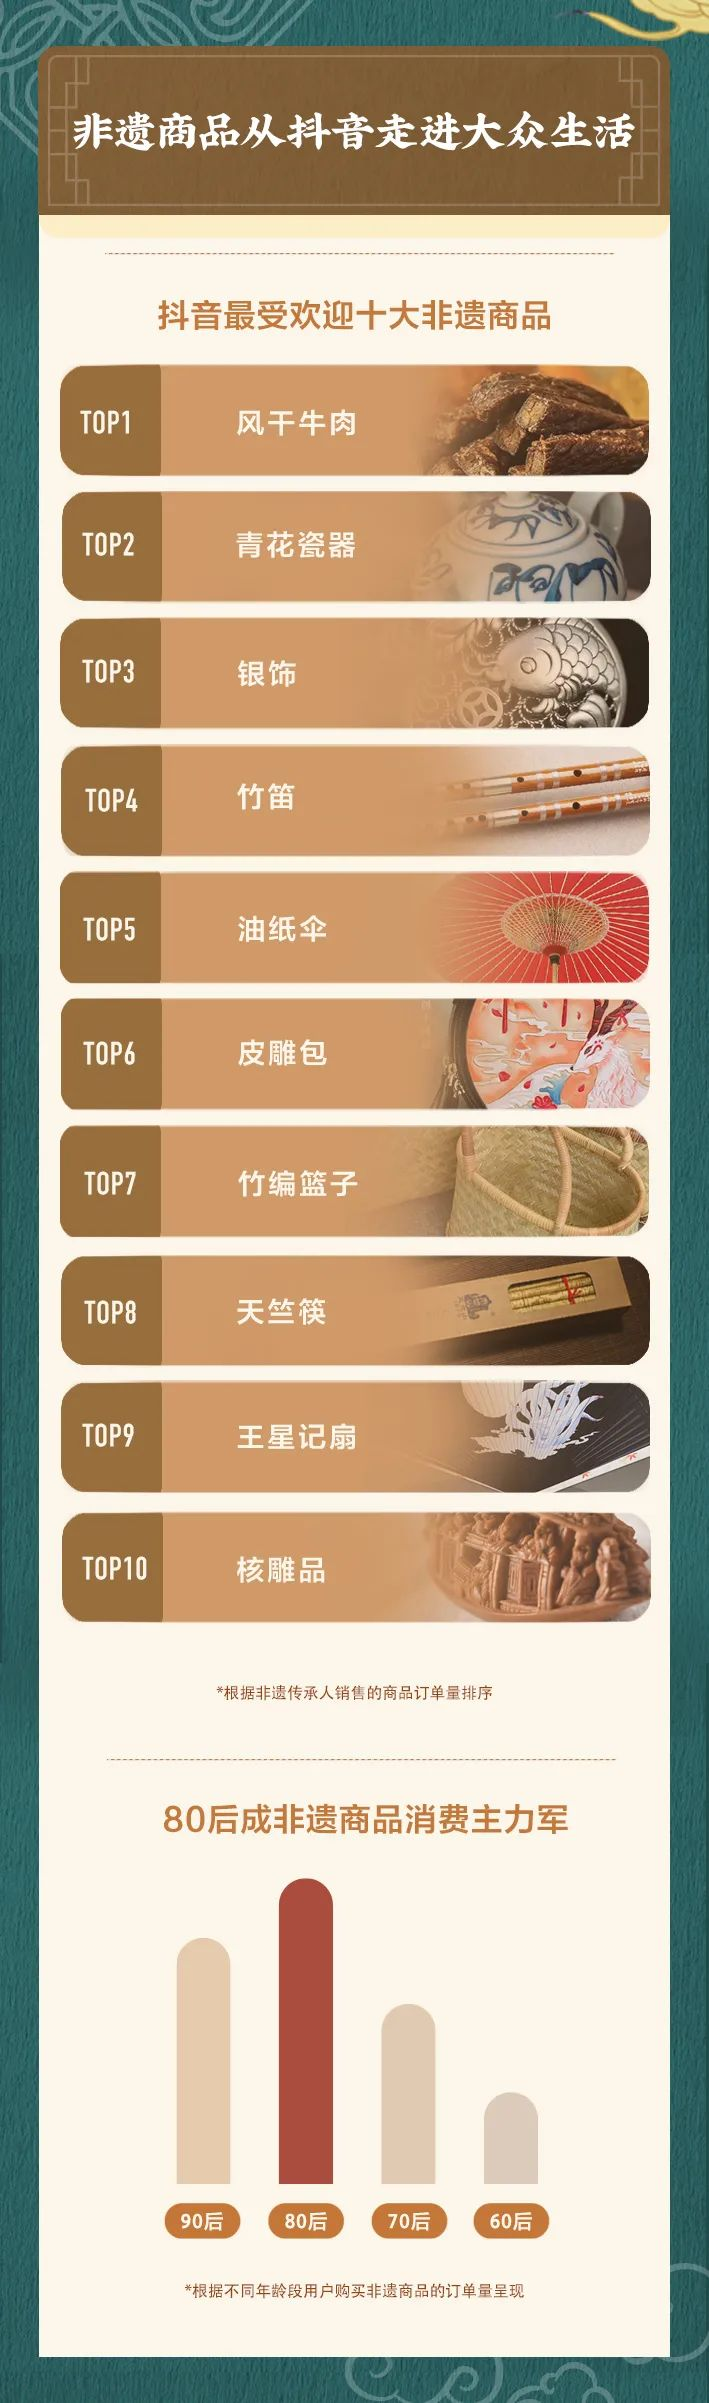 你吃的每一碗广西螺蛳粉背后都是非遗手艺-第8张图片-周小辉博客